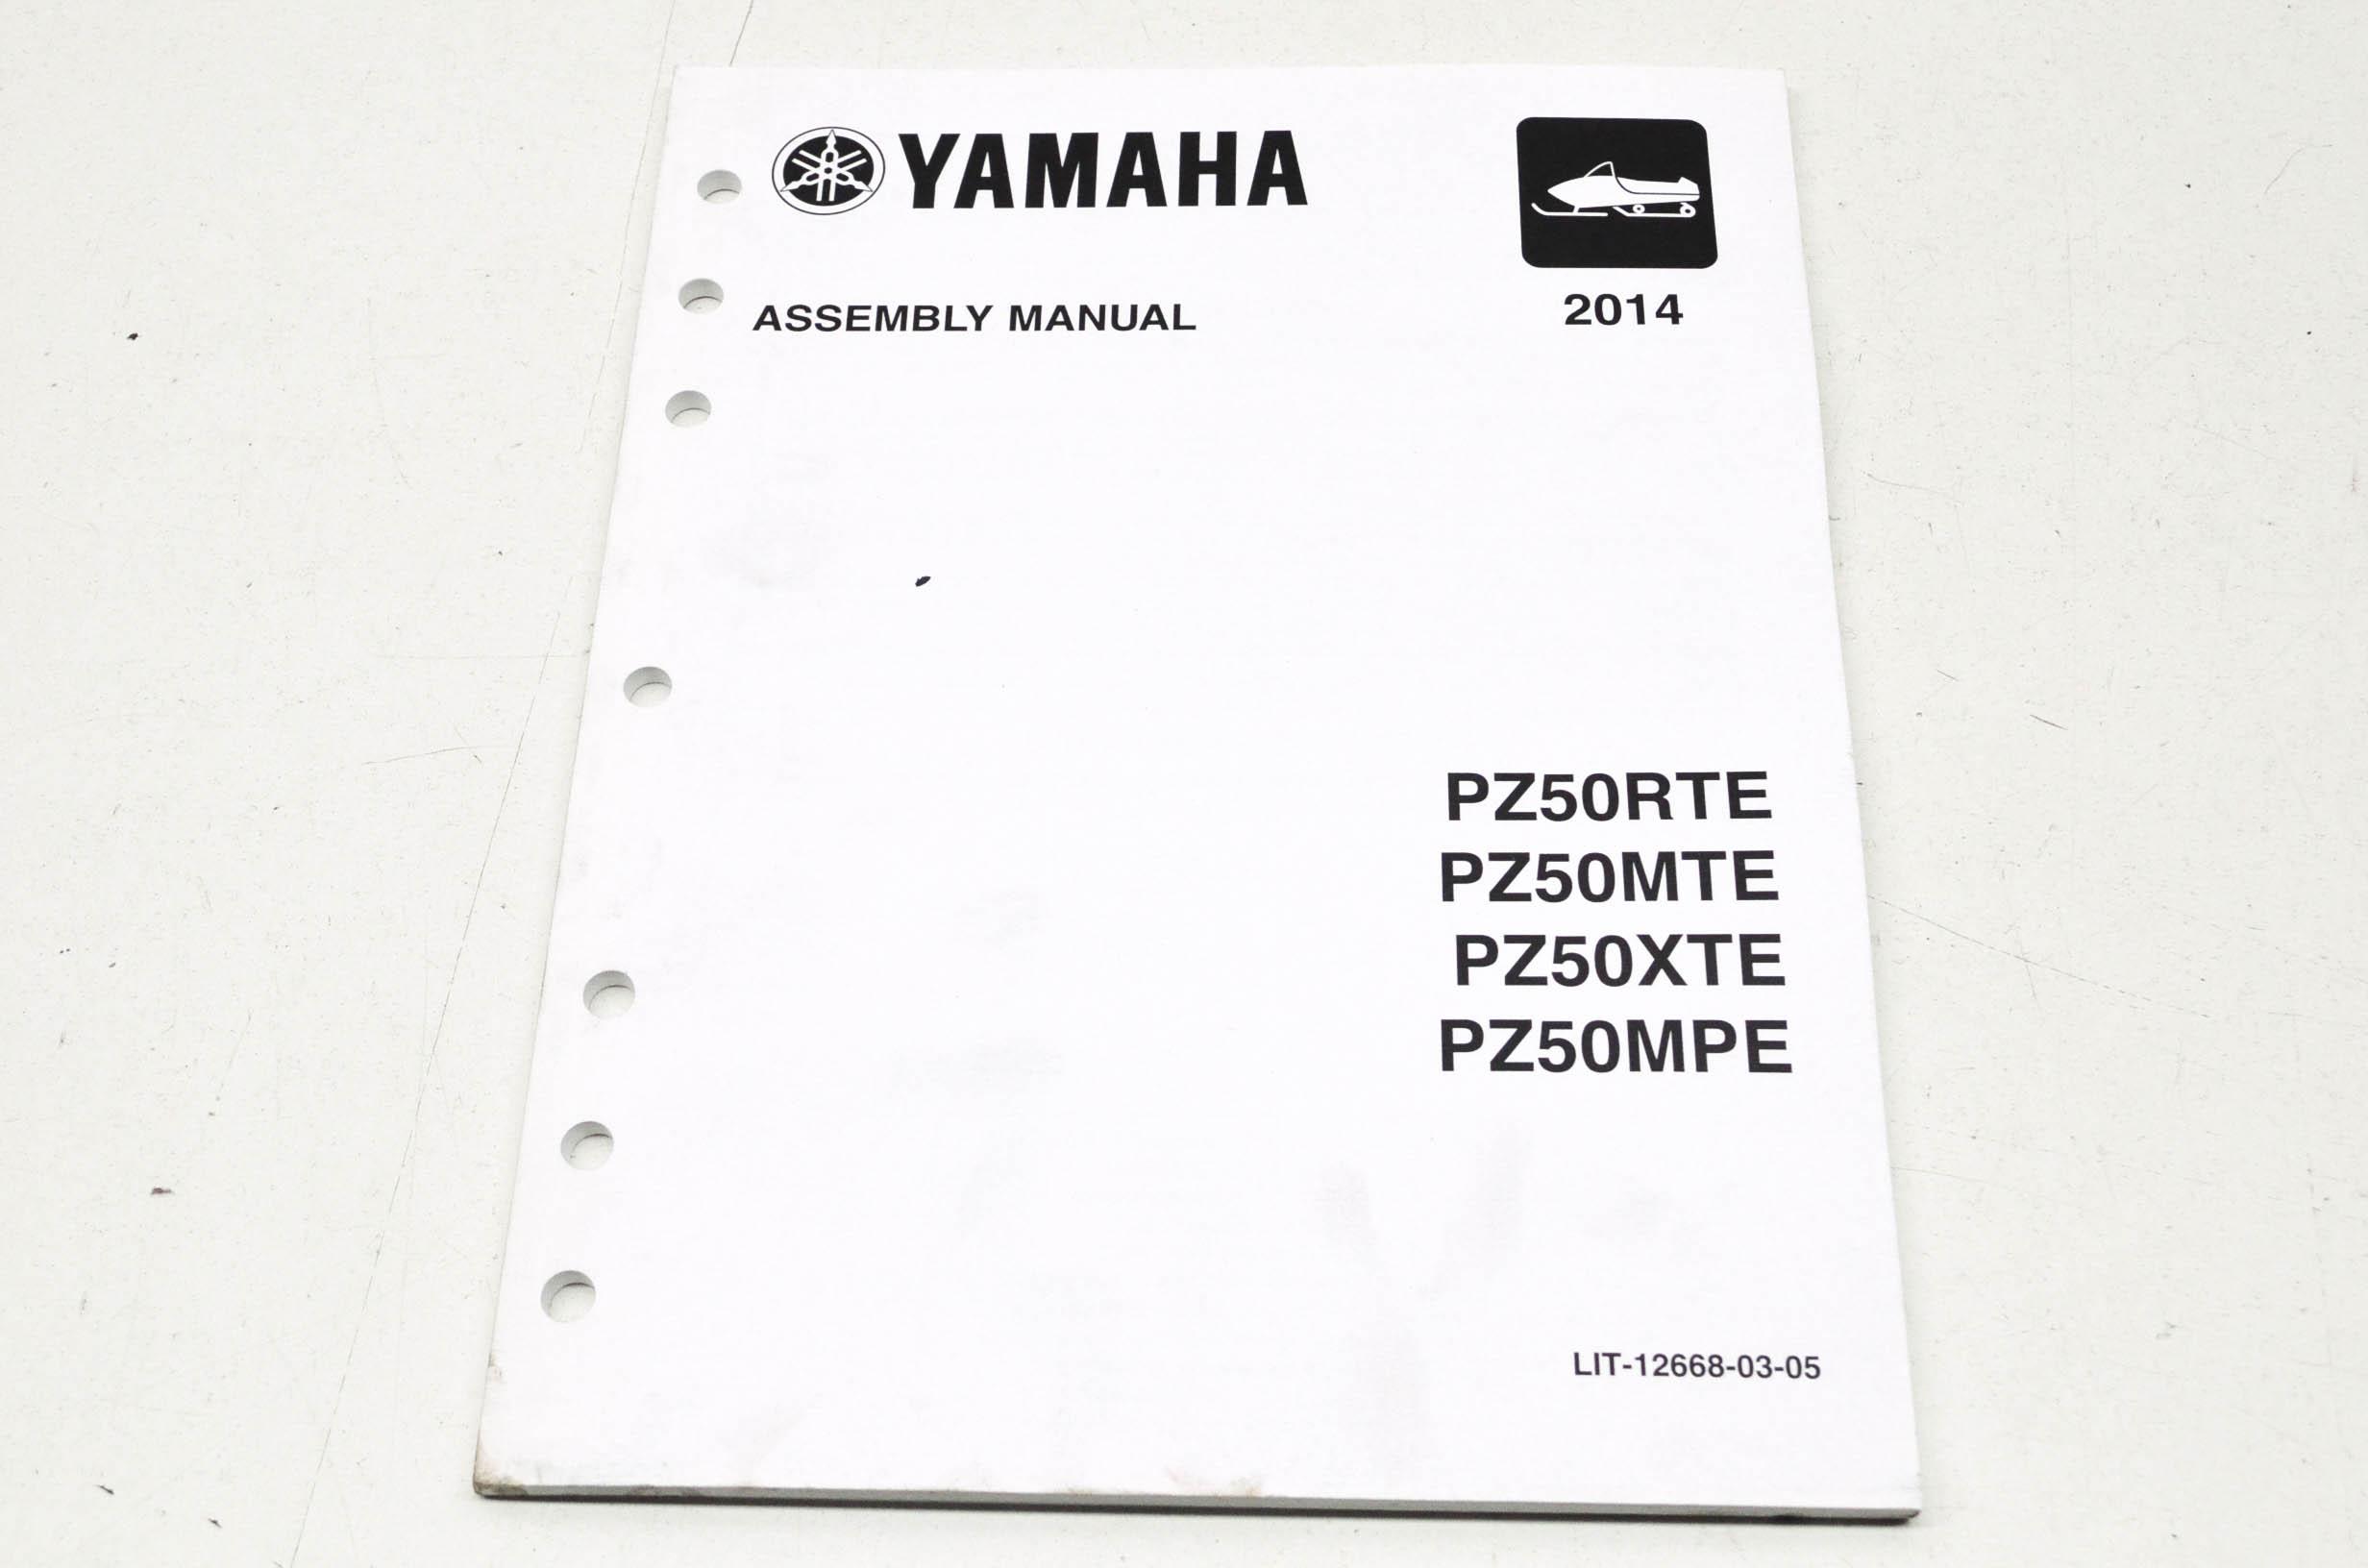 OEM Yamaha LIT-12668-03-05 PZ50RT/ MTX/XTE/MPE Service